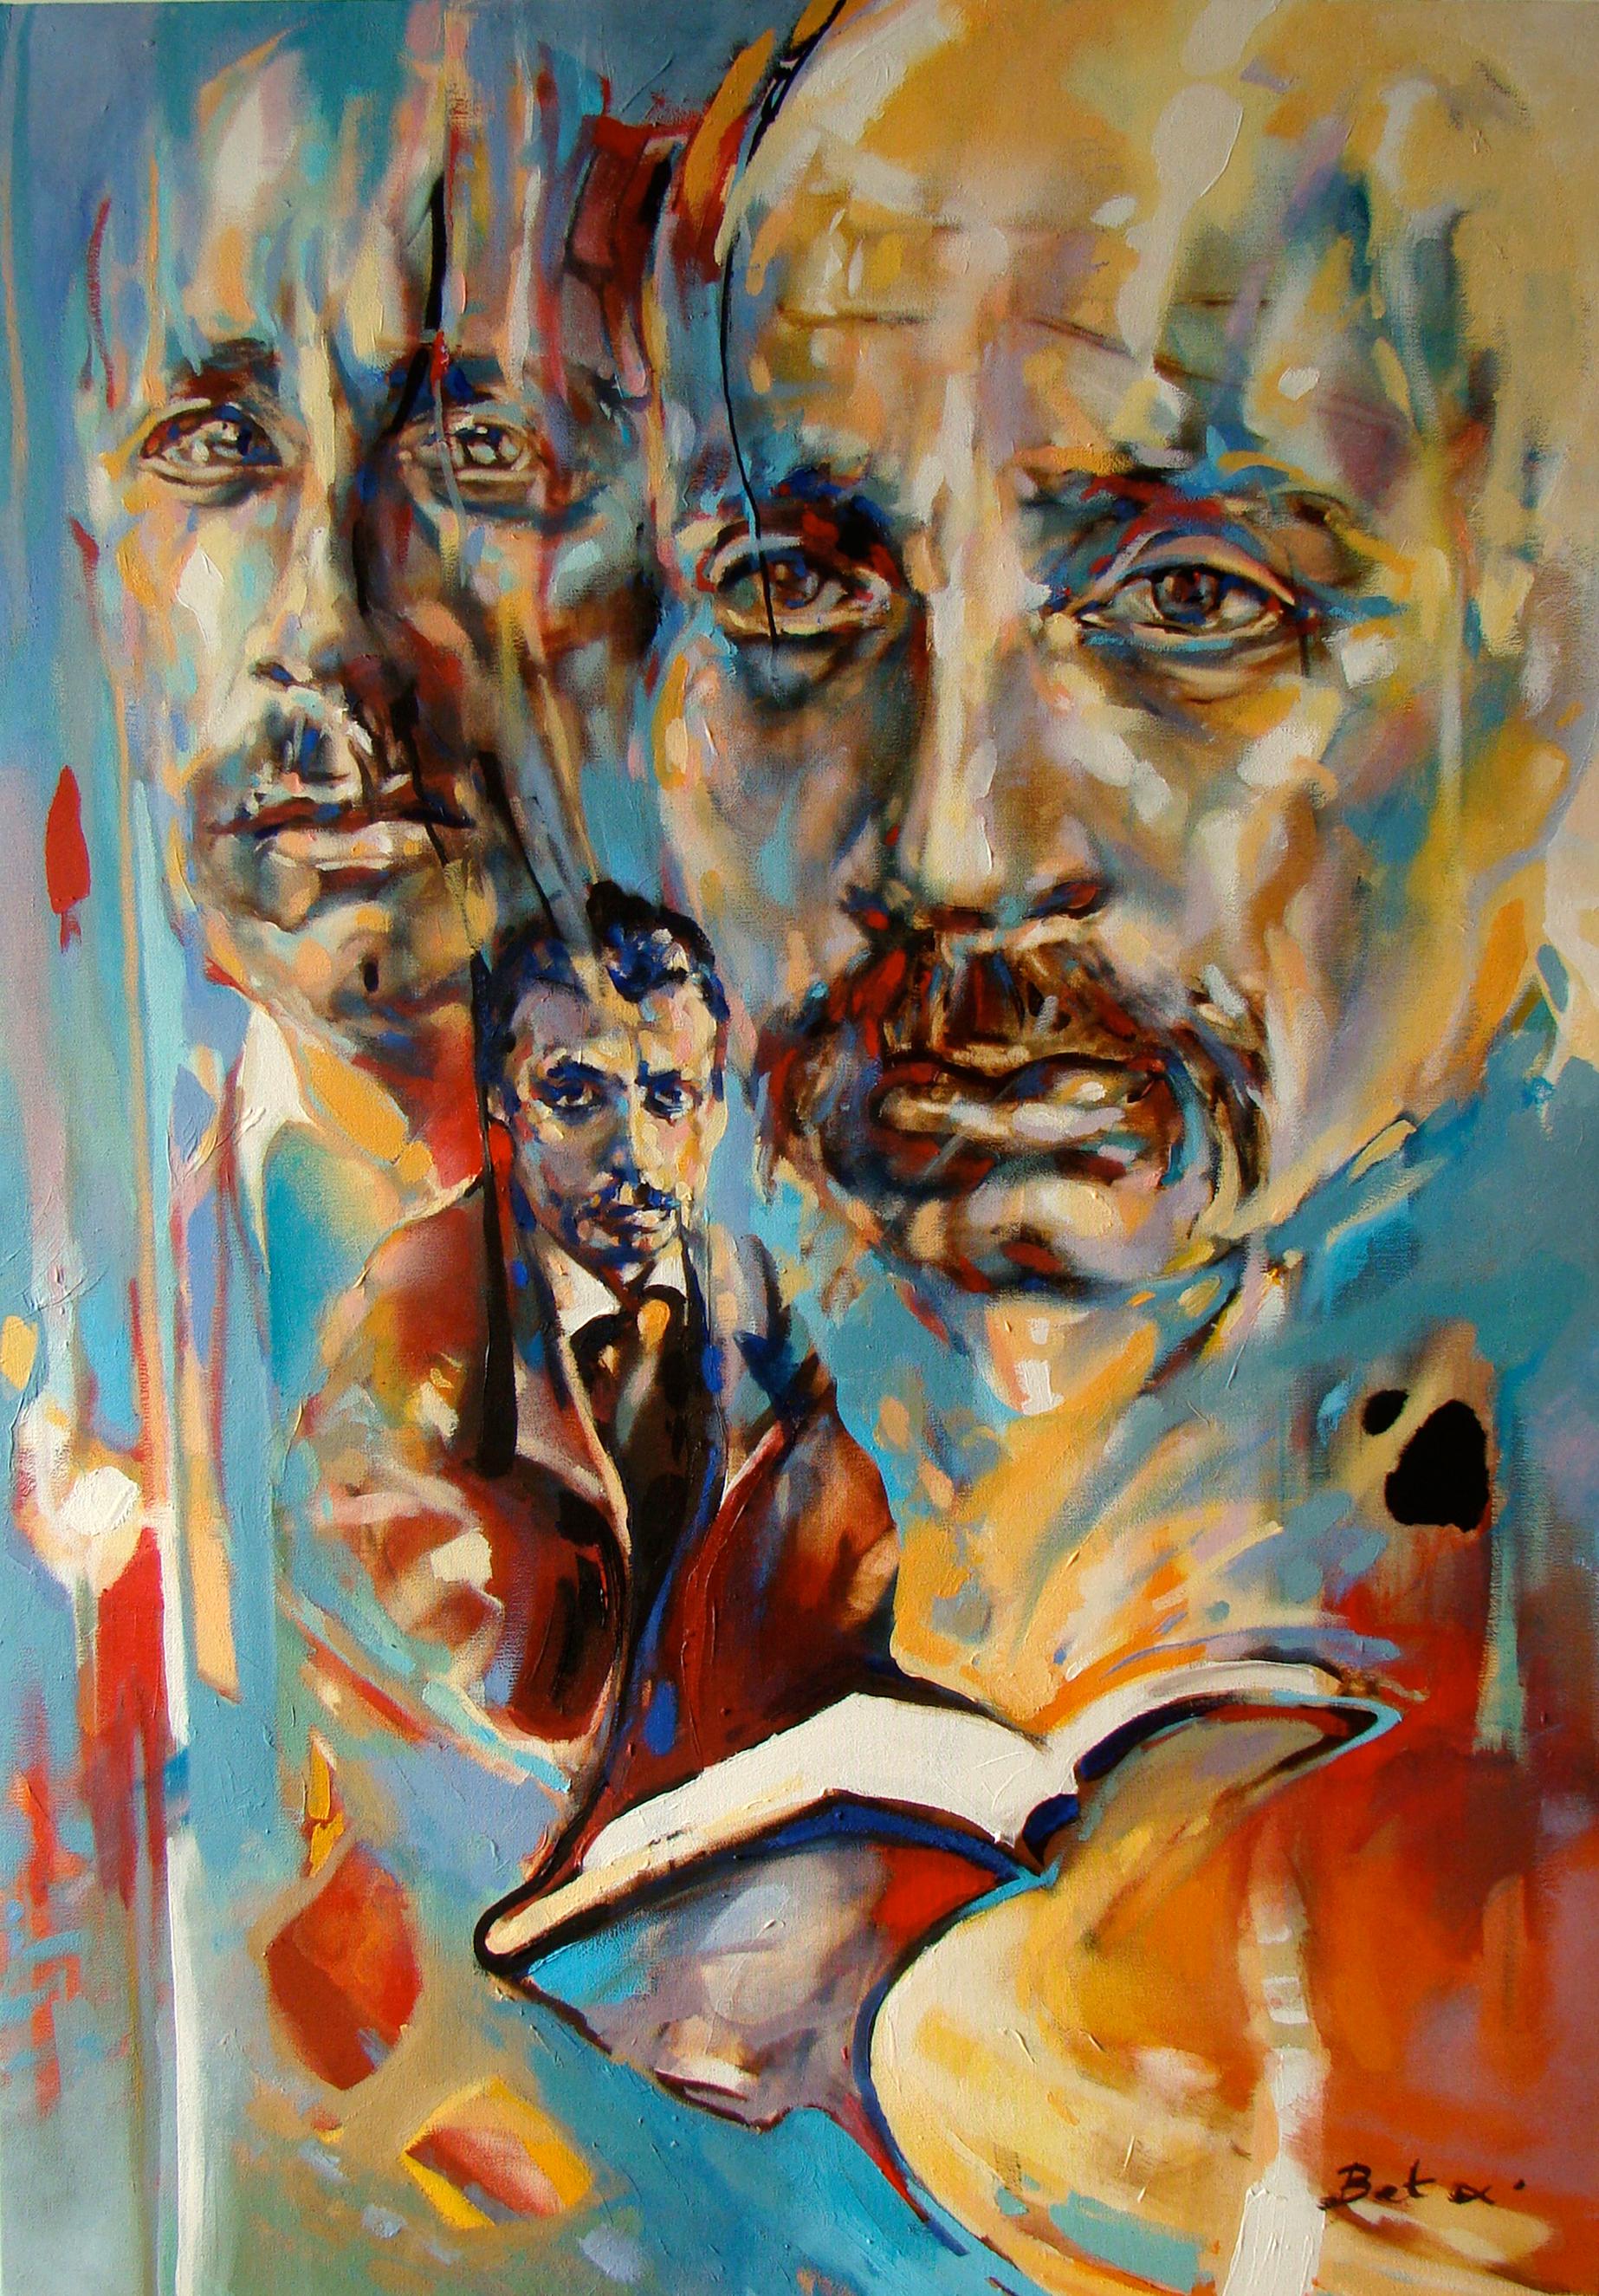 R M Rilke